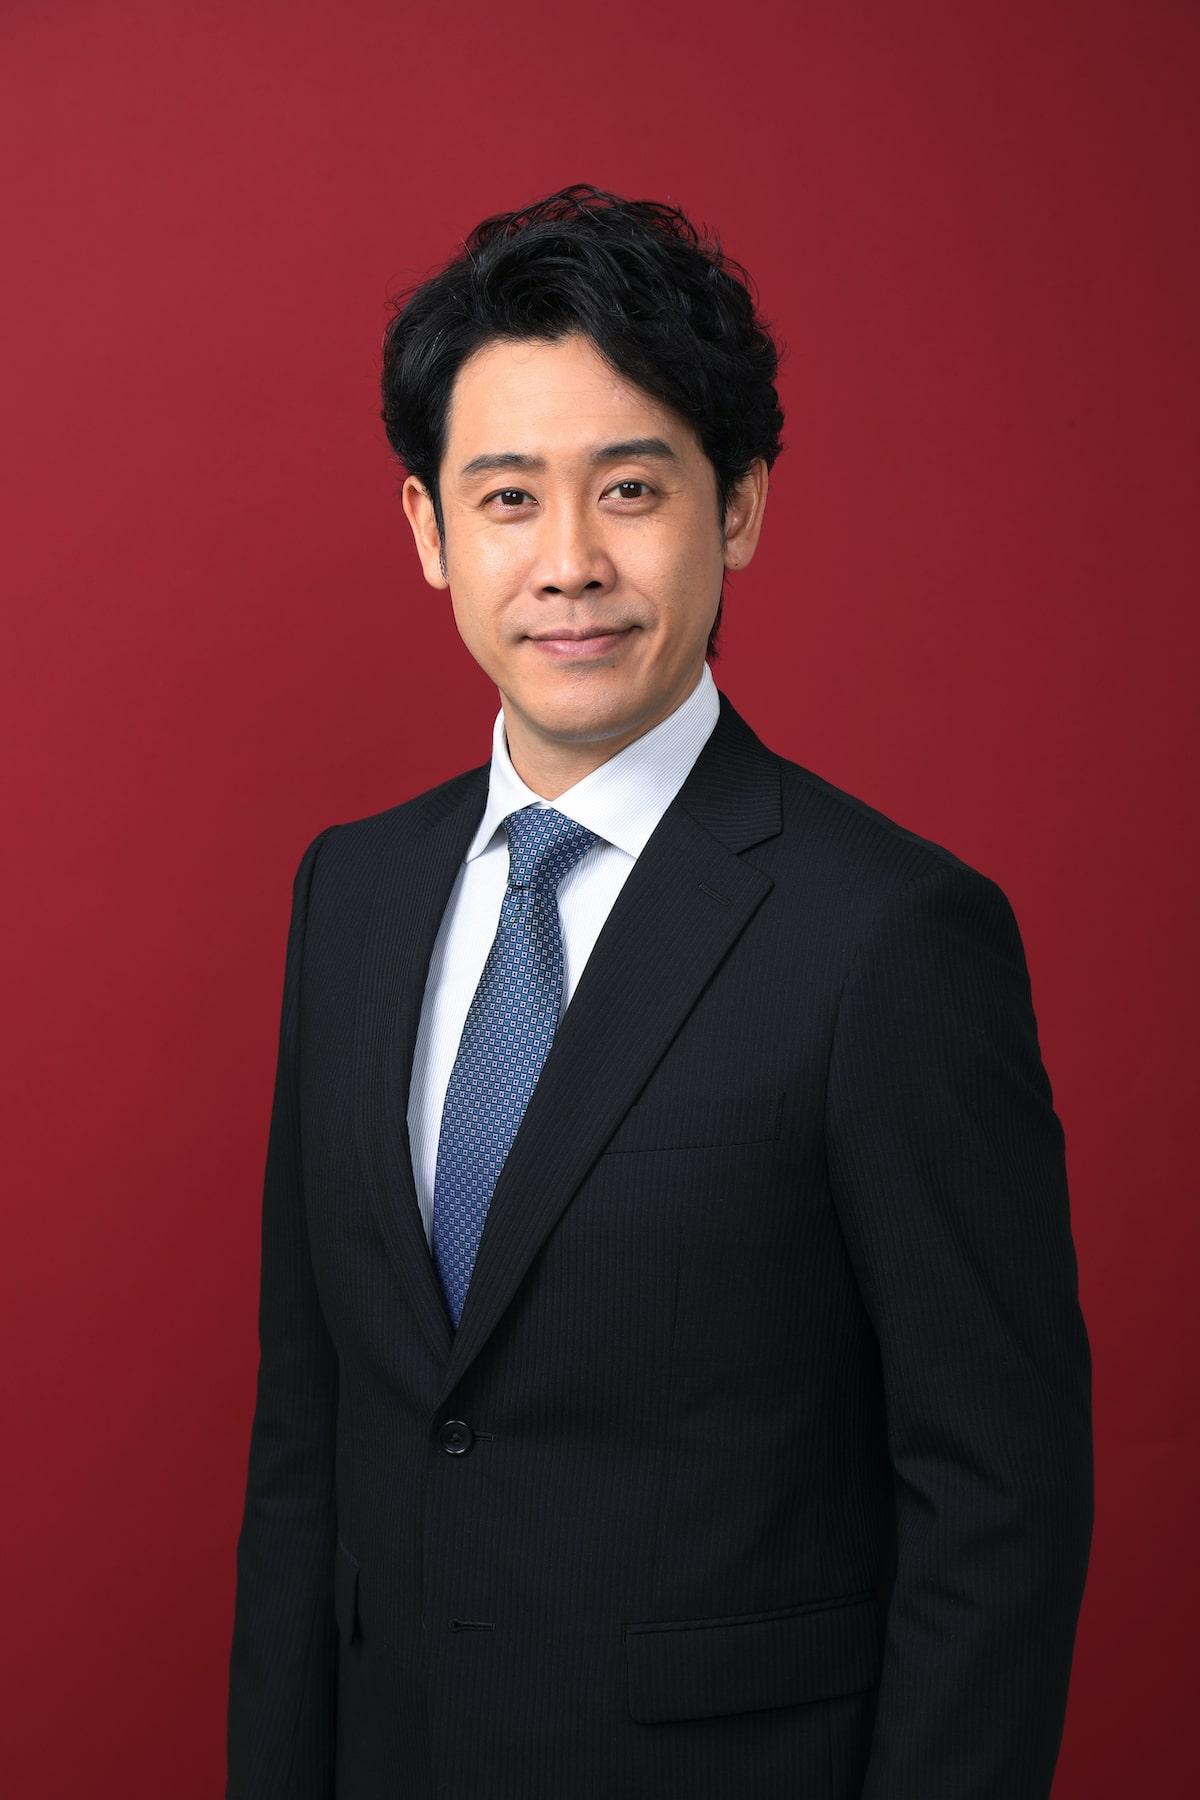 ハケンの品格2020 ドラマ 無料動画 6話